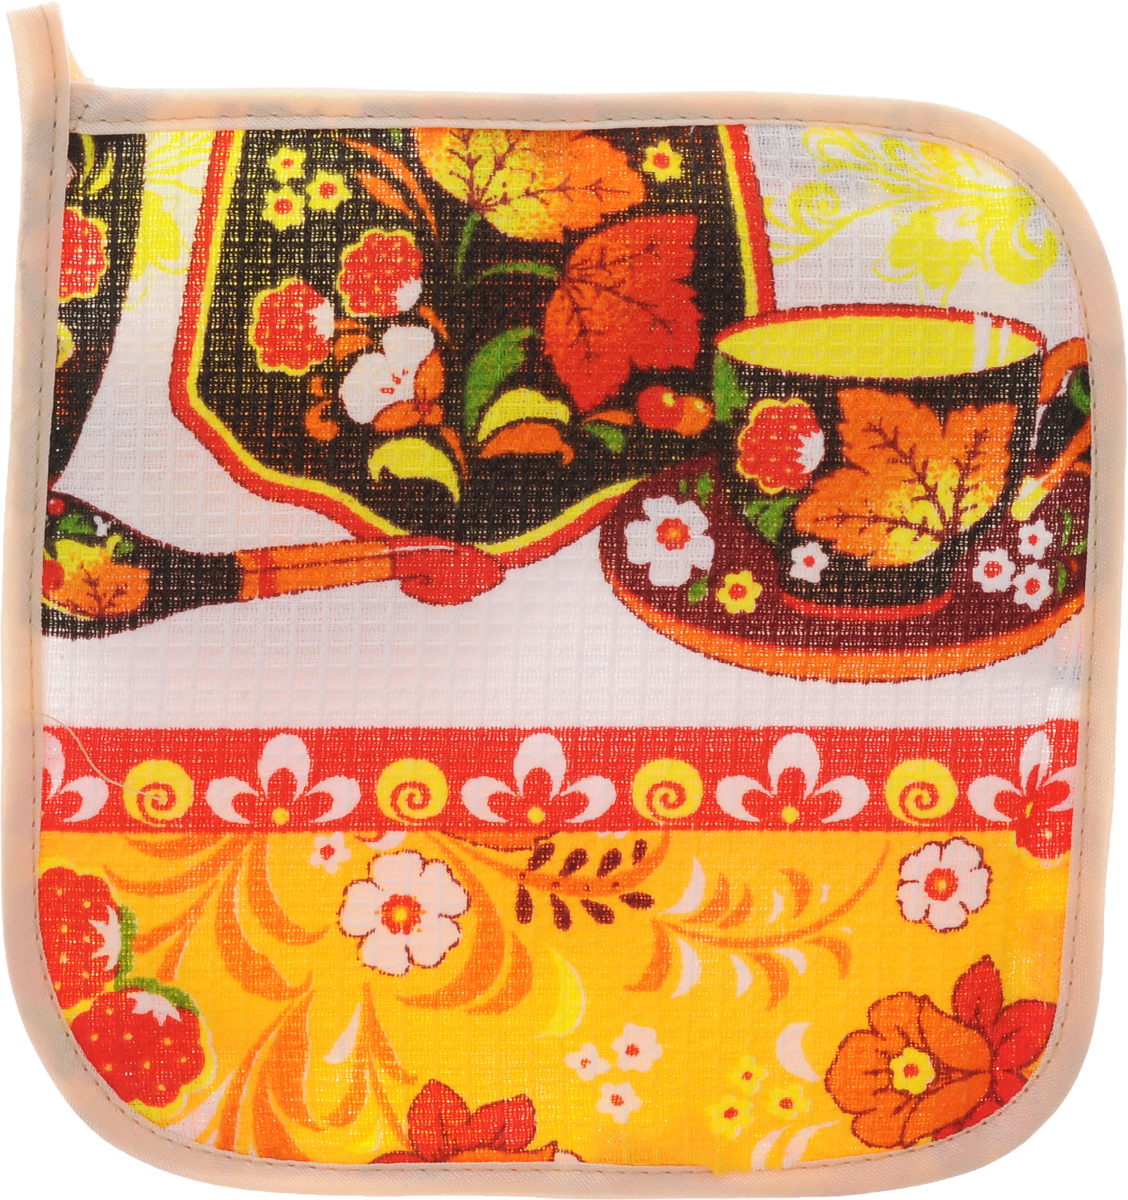 Прихватка Roko, 17 х 17 см. 115358BH-UN0502( R)Прихватка Roko - незаменимый помощник на любой кухне. Изделие выполнено натурального 100% хлопка и оформлено красочным принтом. Прихватка мягкая, удобная и практичная. Она защитит ваши руки и предотвратит появление ожогов. Оригинальный дизайн позволит красиво дополнить интерьер кухни. С помощью текстильной петельки прихватку можно подвесить на крючок.Уважаемые клиенты! Товар поставляется в цветовом ассортименте. Поставка осуществляется в зависимости от наличия на складе.